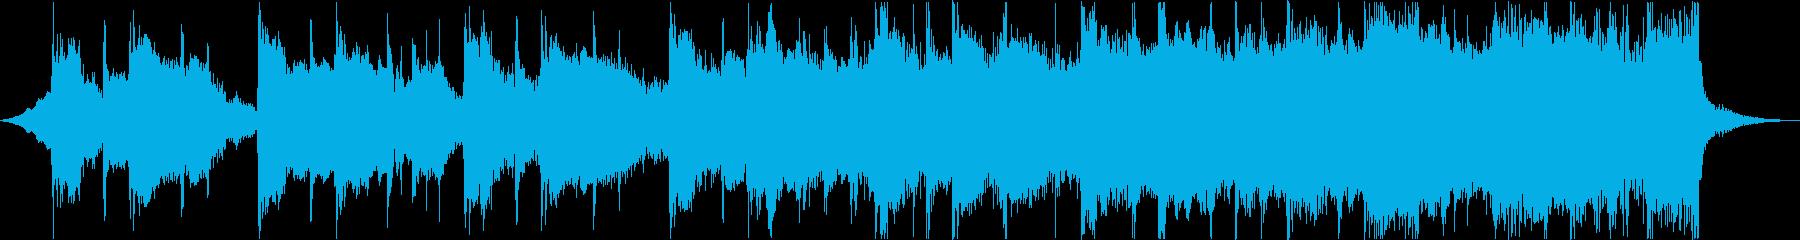 CM映像感動系アコースティックギターcの再生済みの波形